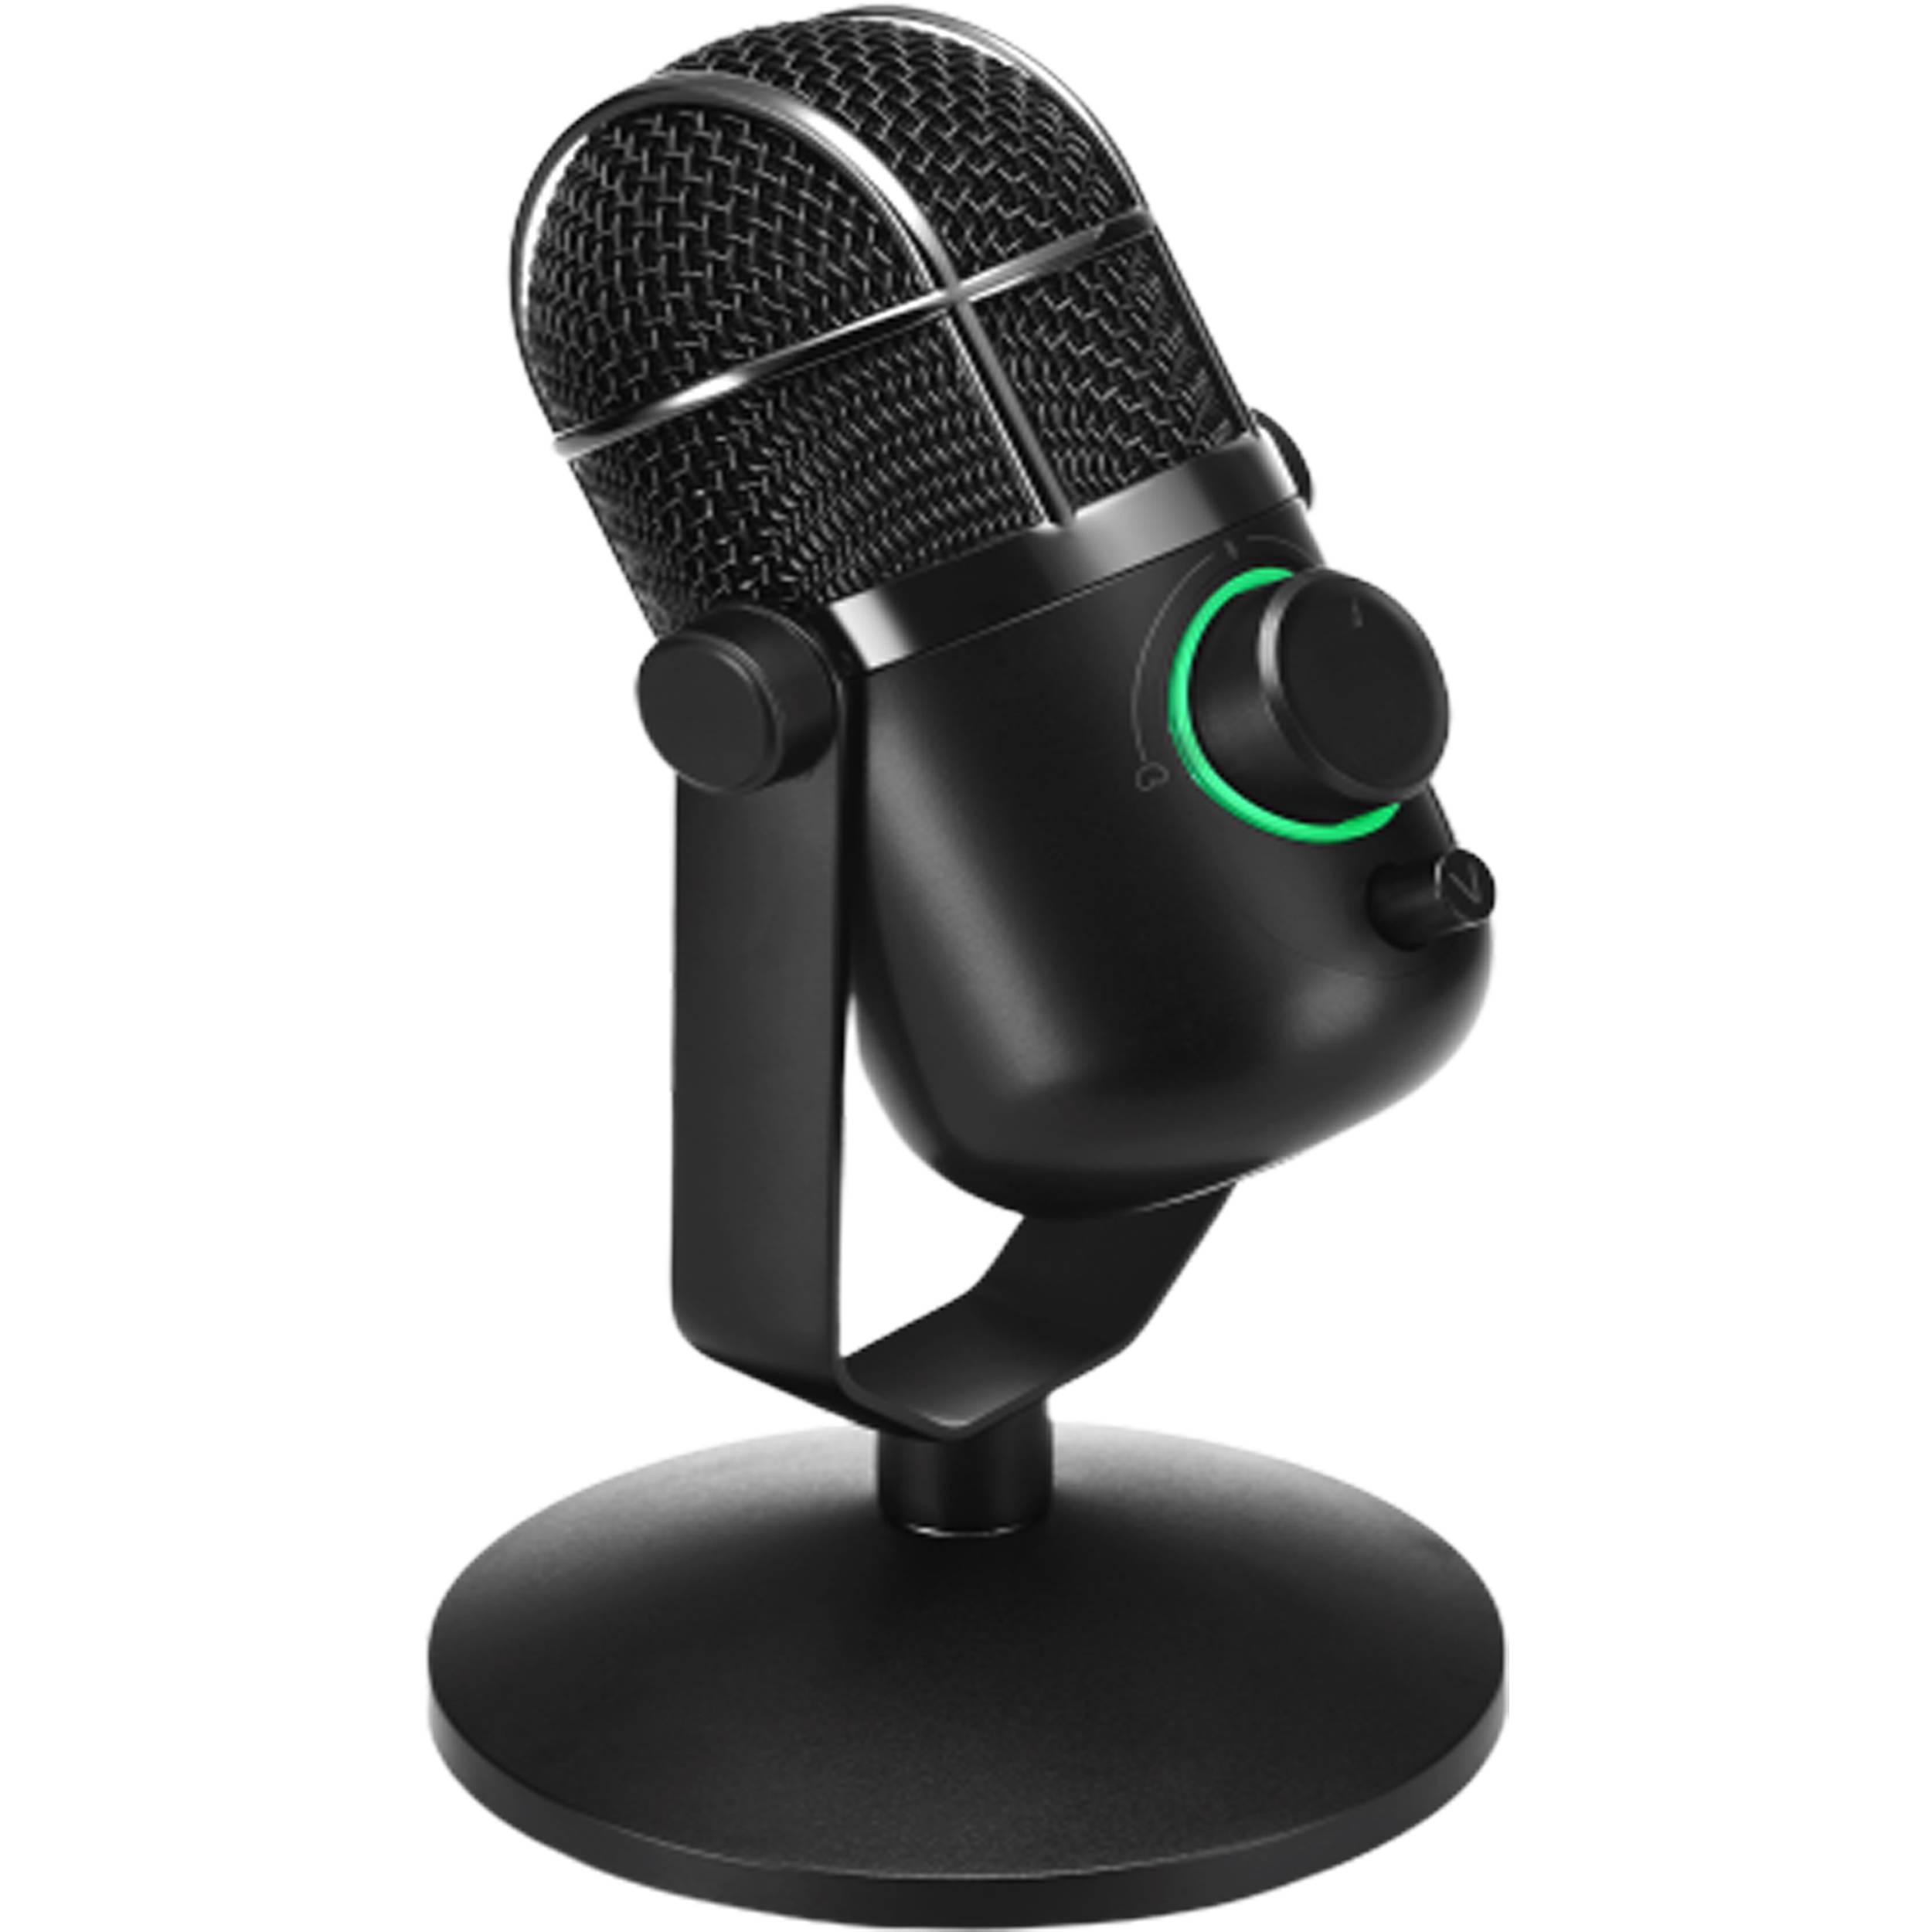 میکروفون استودیویی ترونمکس مدل DOME